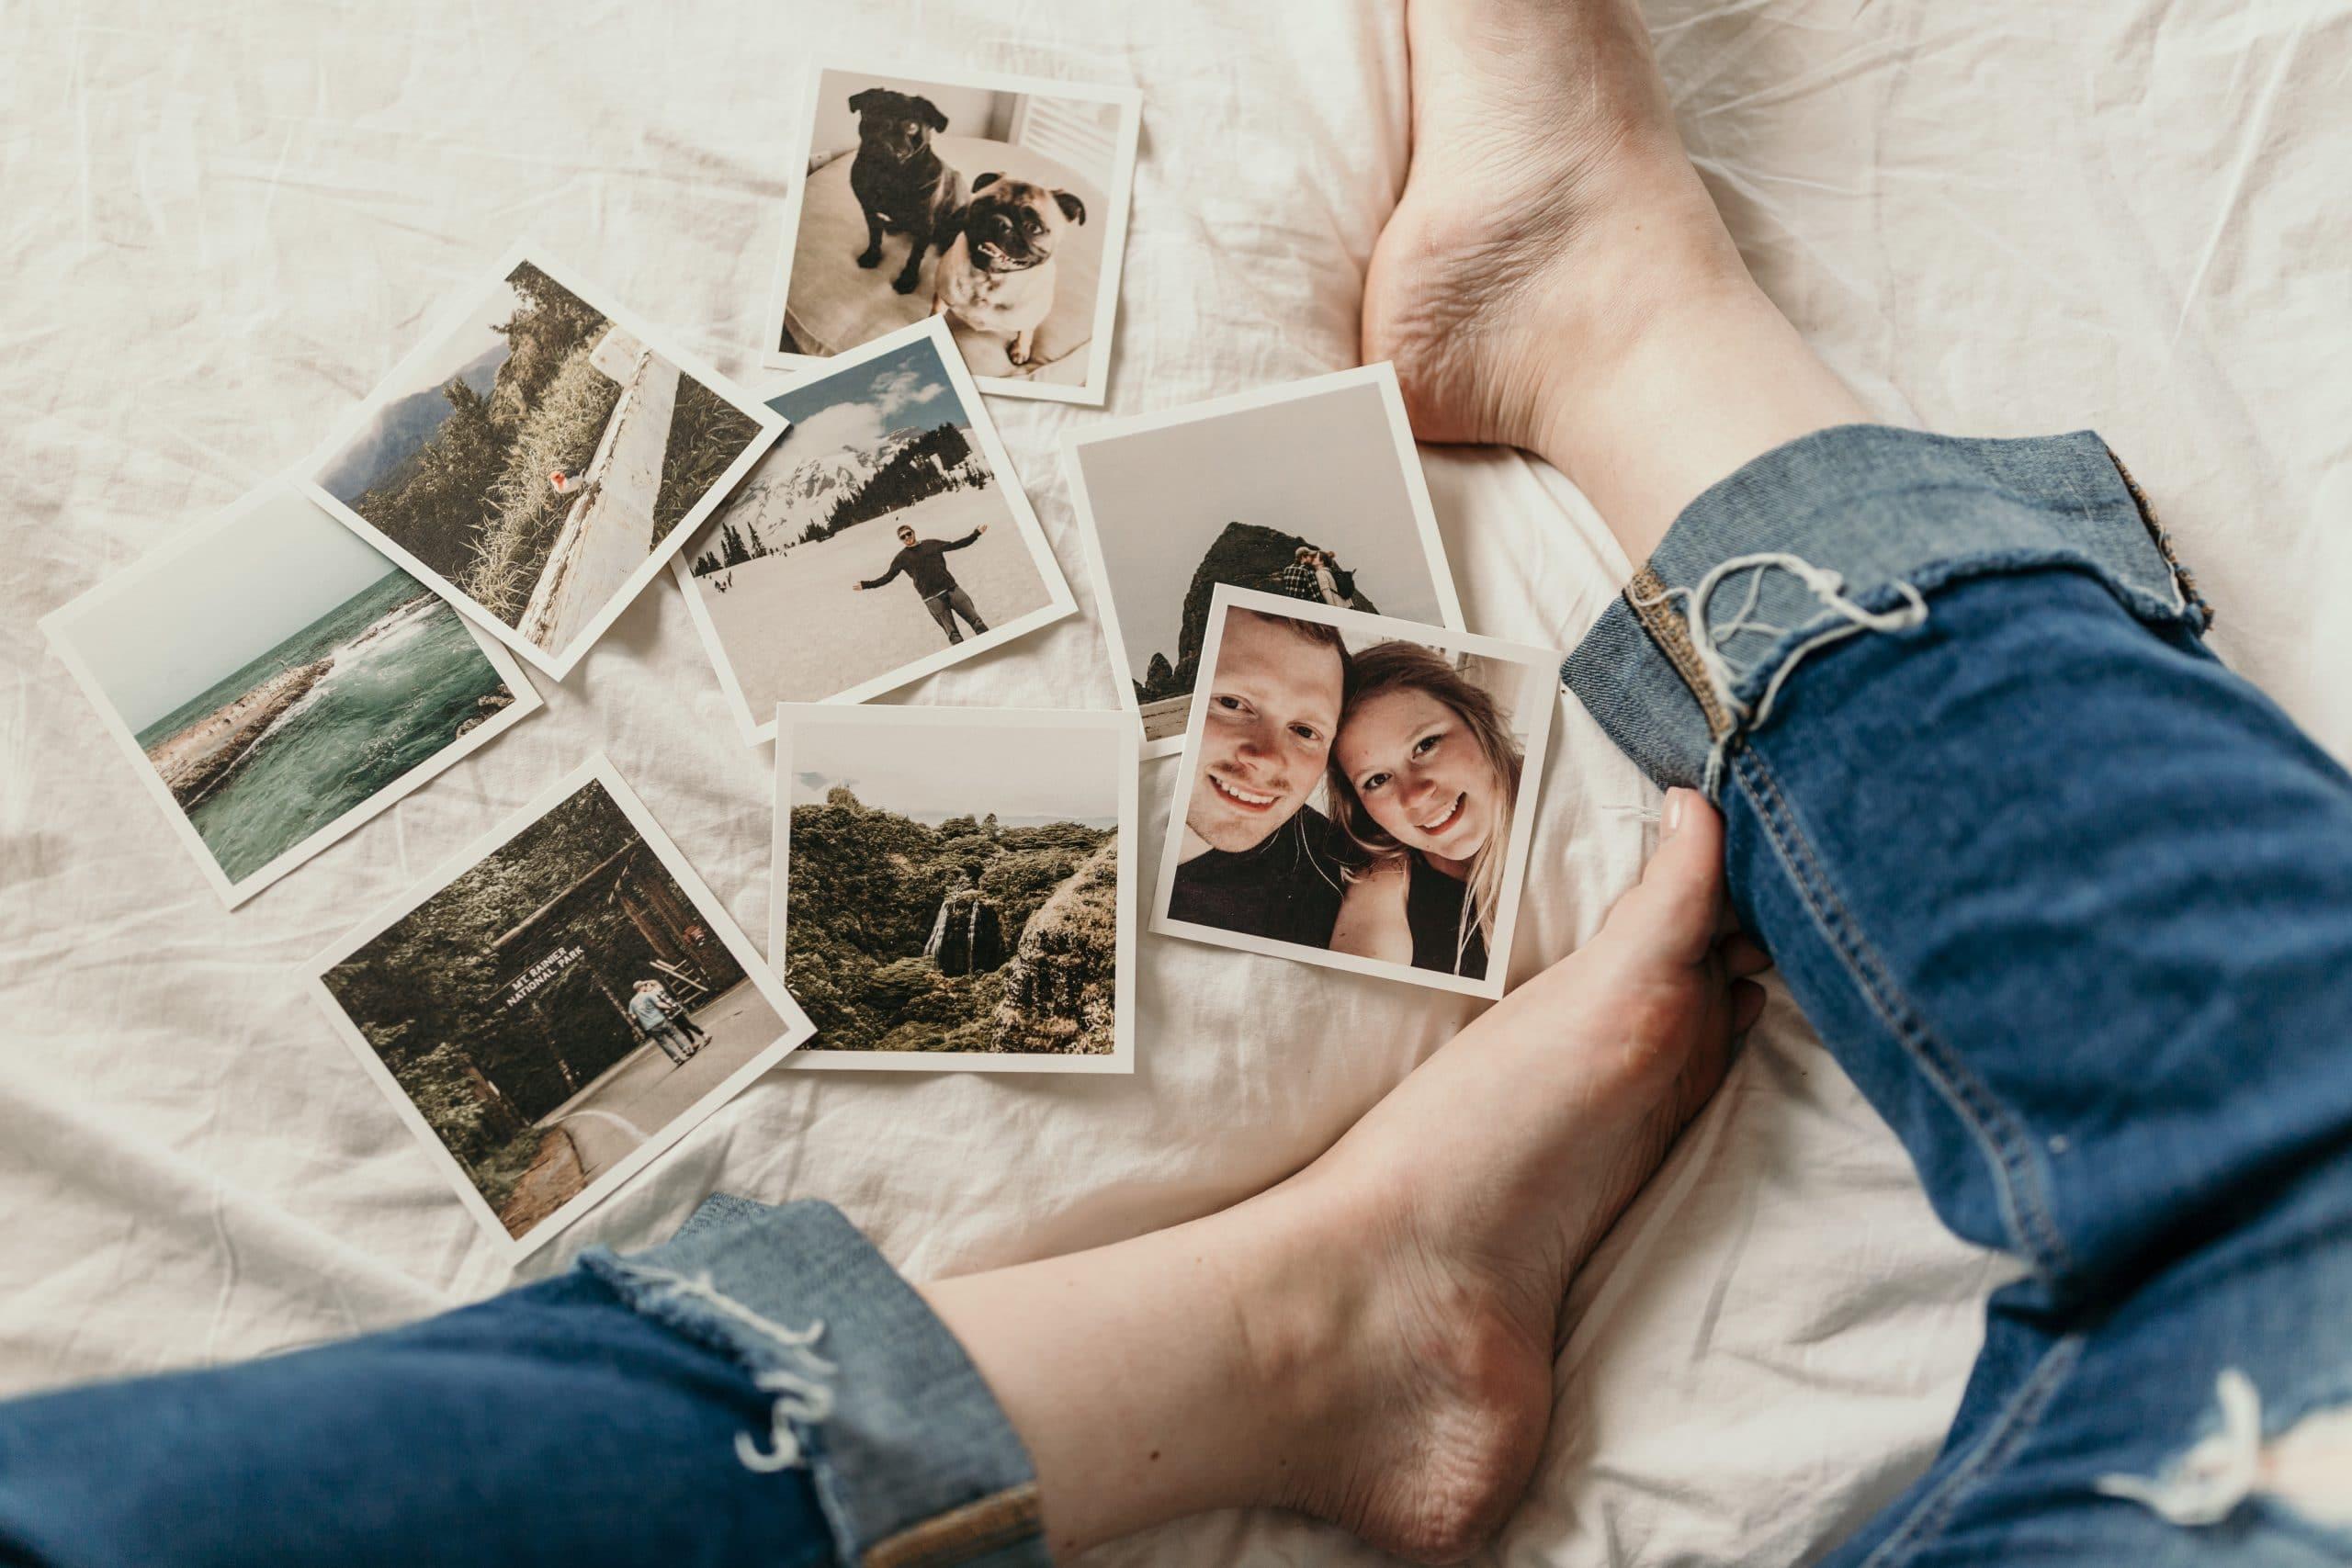 Pernas de pessoa na cama com fotos espalhadas